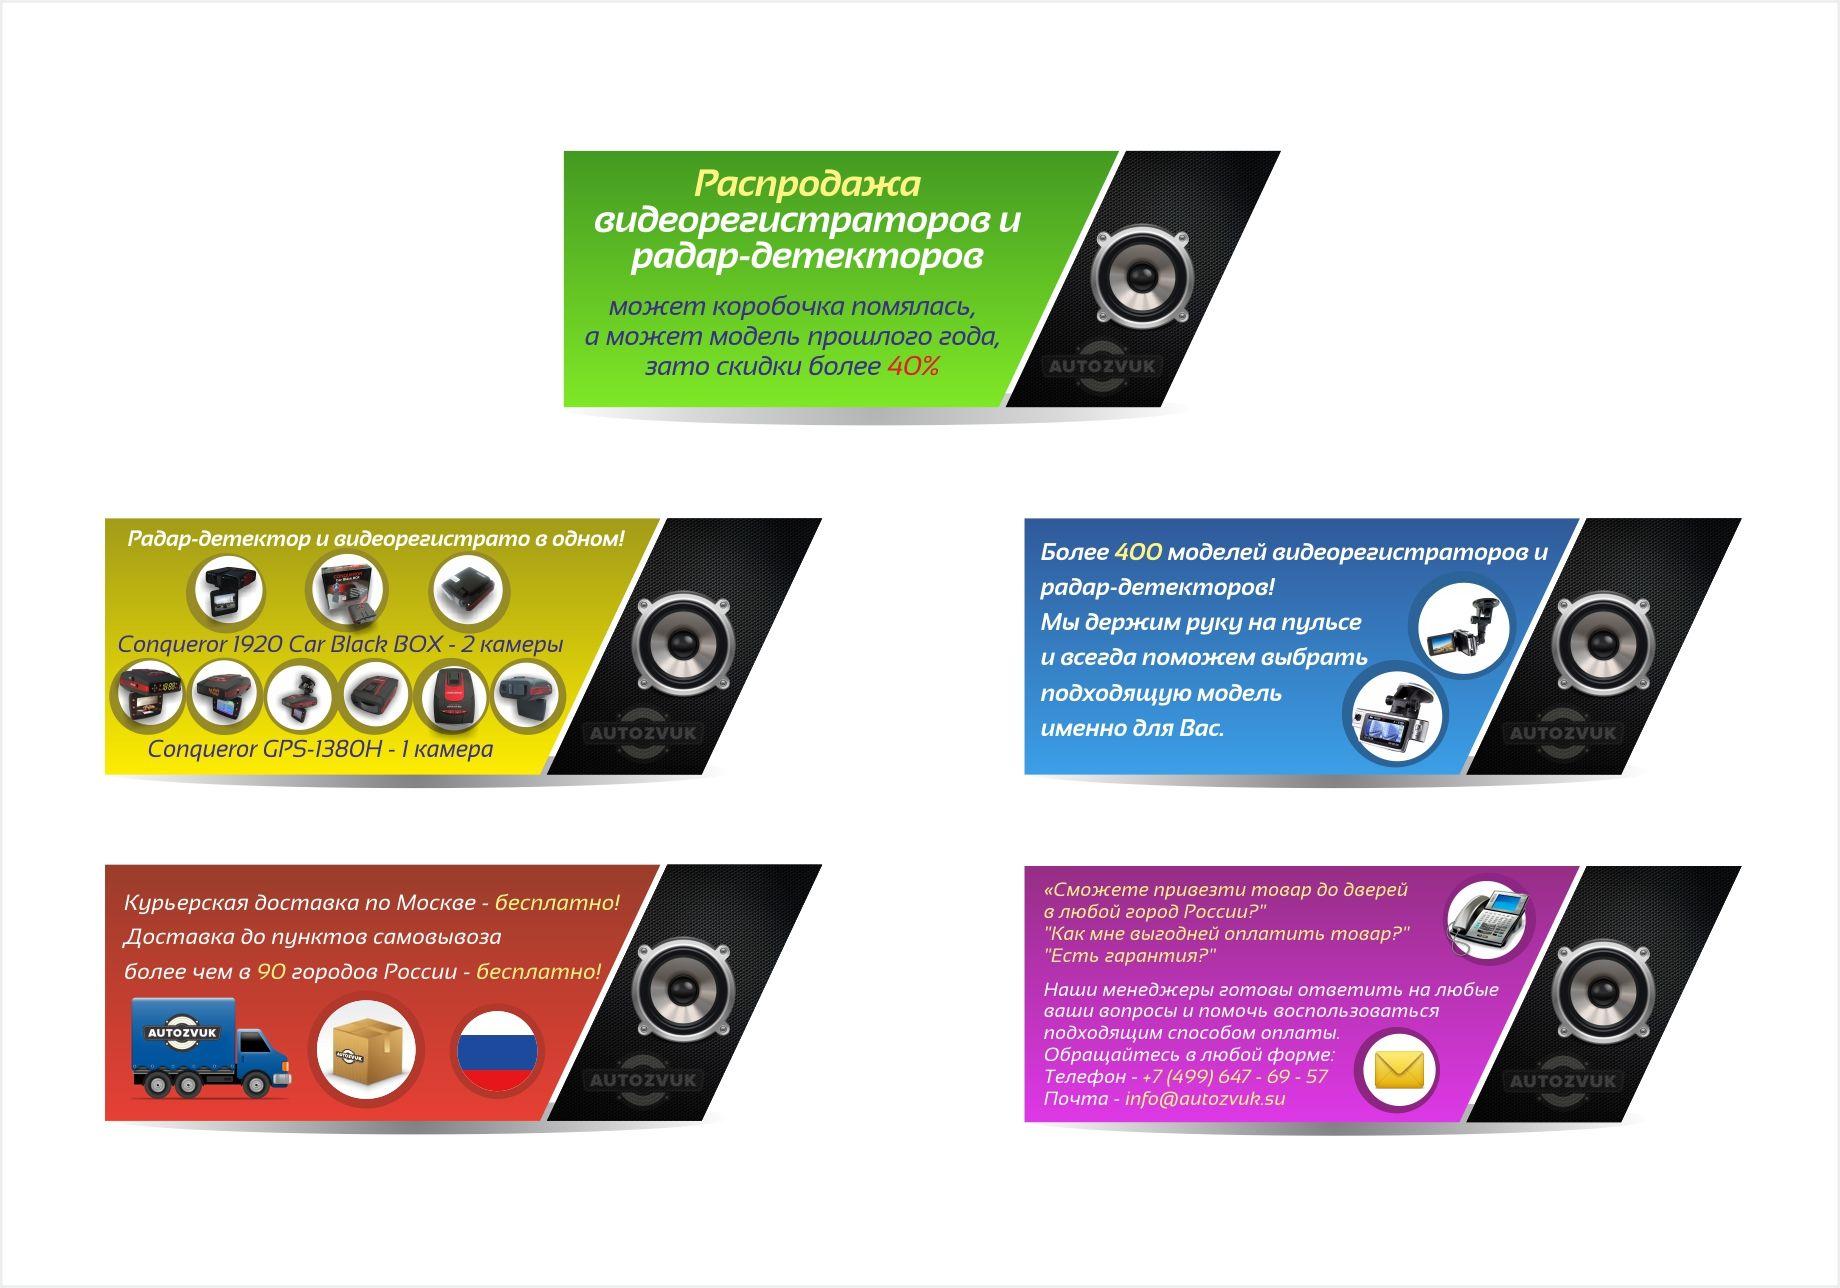 Иллюстрации для слайдера в ИМ - дизайнер Upright